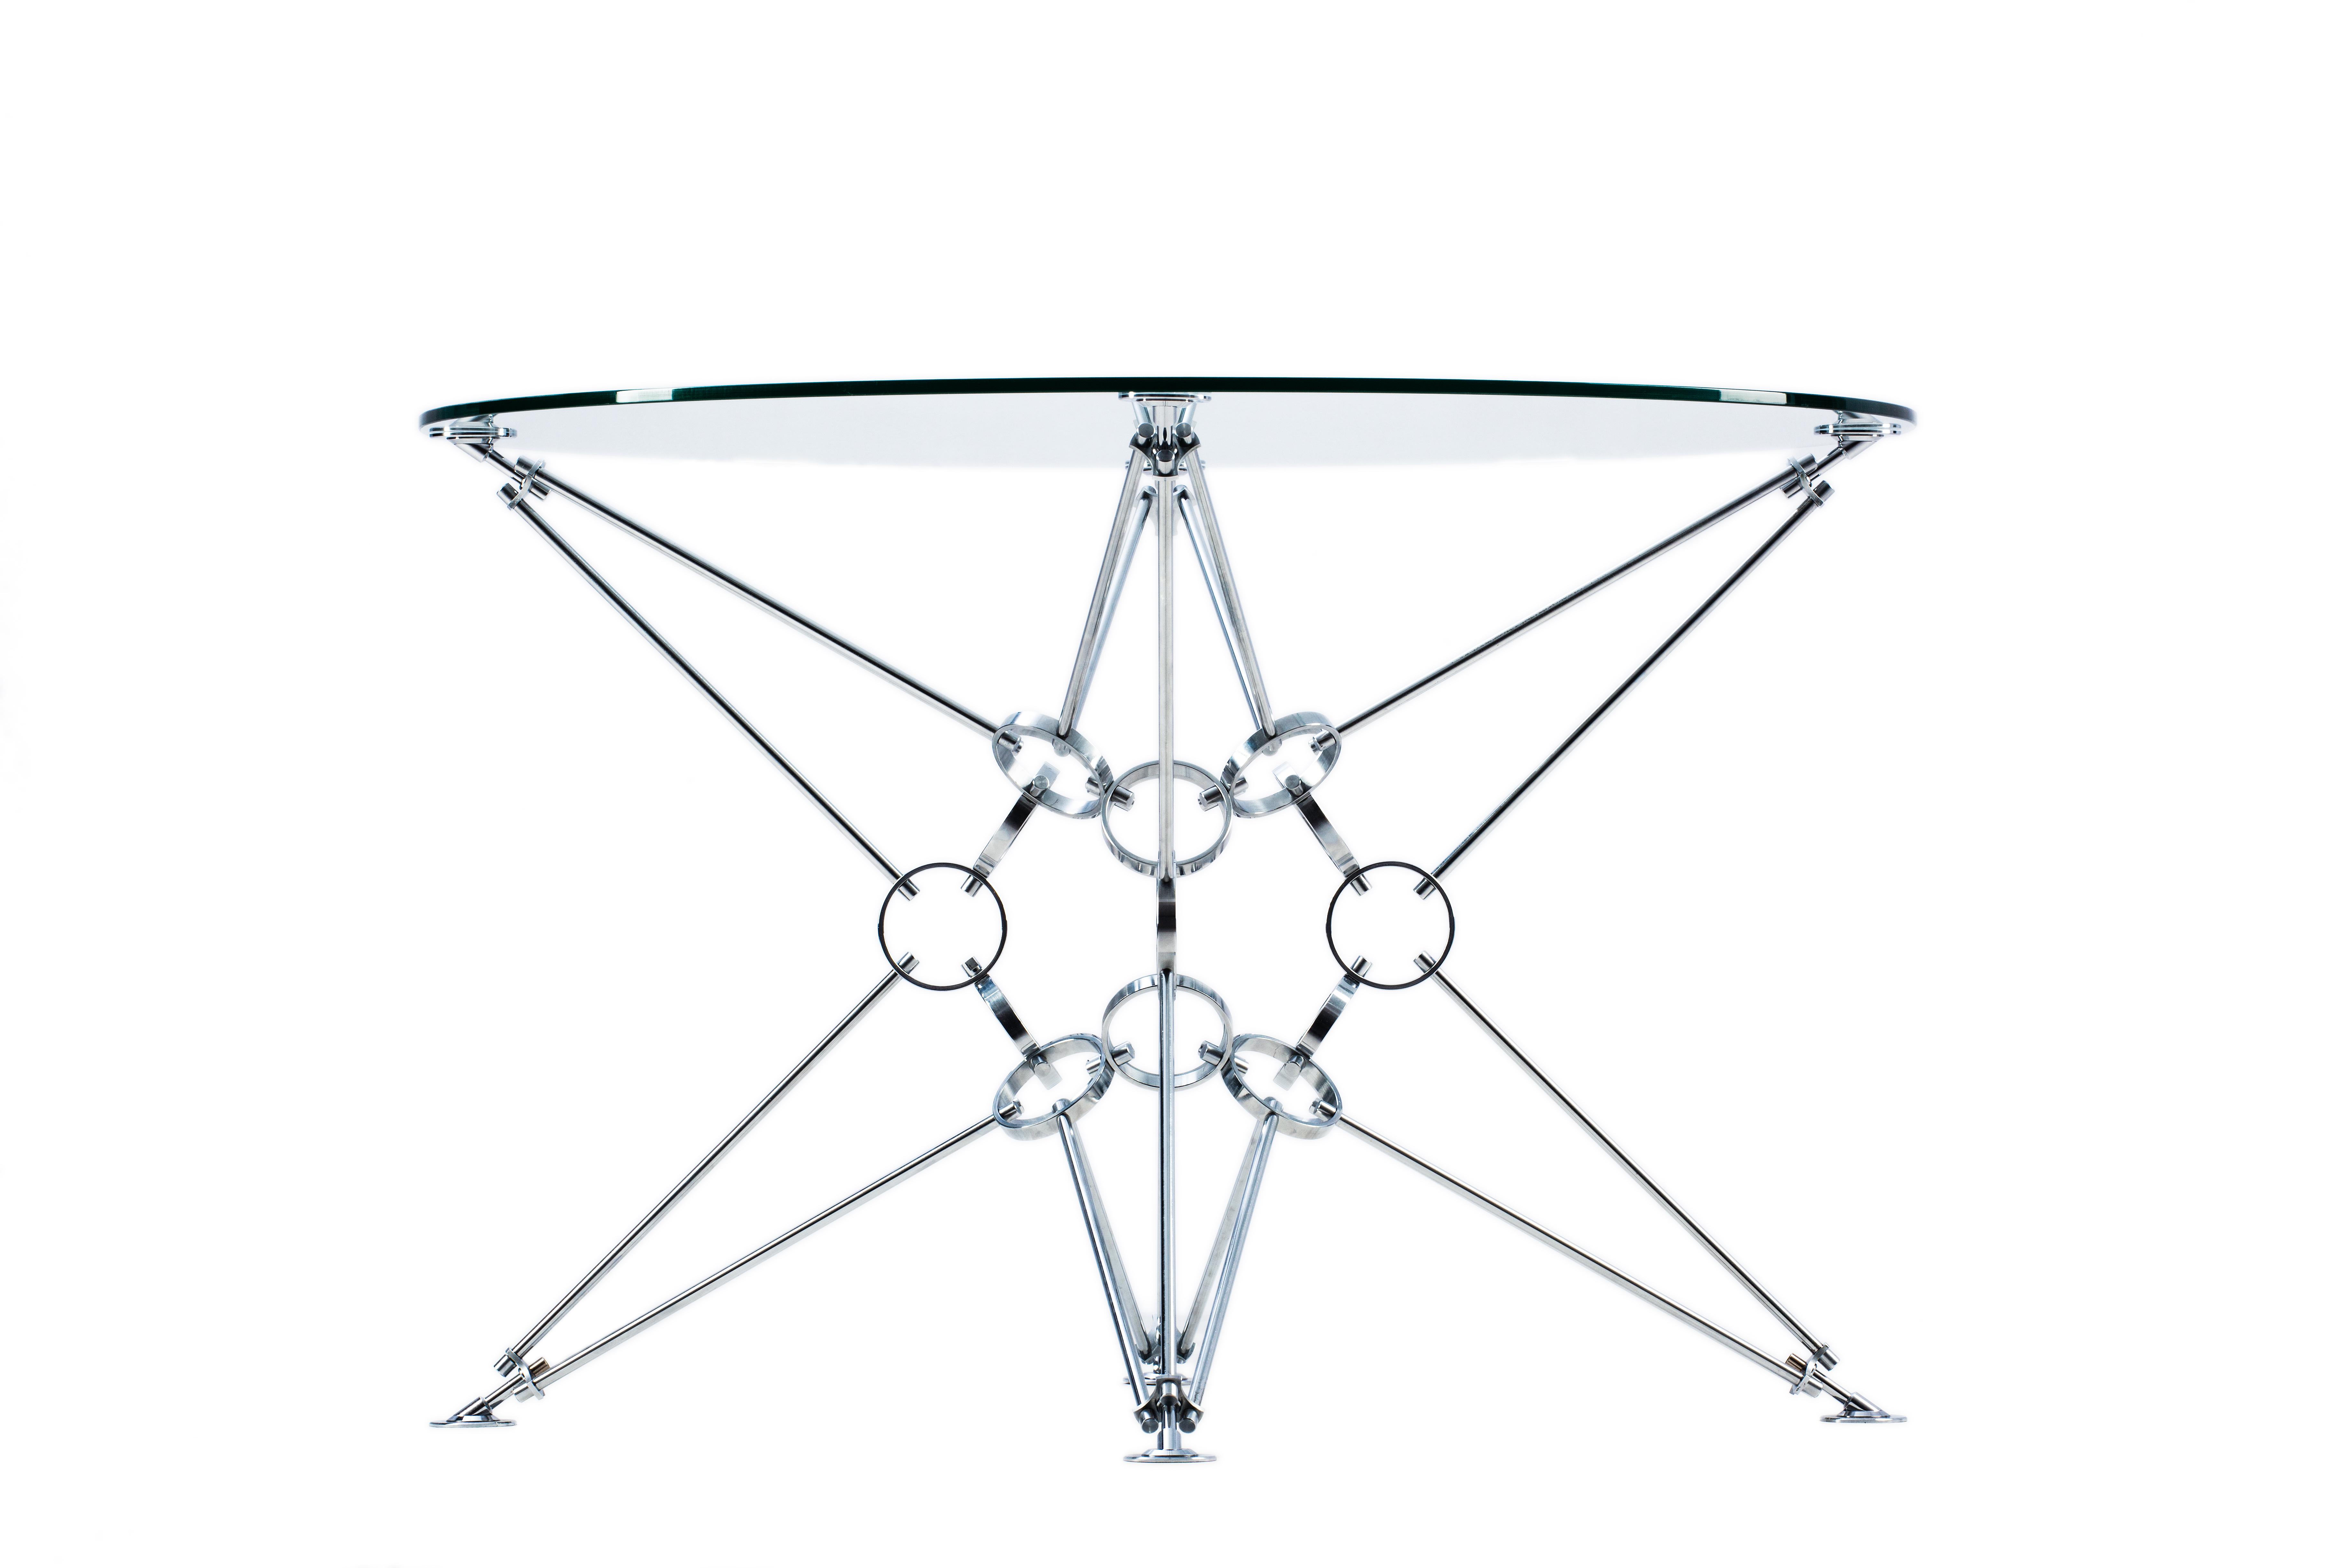 Стол 8 пирамид OptiwhiteОбеденные столы<br>&amp;lt;div&amp;gt;&amp;lt;span style=&amp;quot;font-size: 14px;&amp;quot;&amp;gt;&amp;quot;8 пирамид&amp;quot; – это модель космической архитектуры. Дизайнер Александр Новичков вдохновлялся идеей превращения куба в шар, что привело к созданию этой модели. Стол и его несущий модуль выполнены в стиле конструктивизма, дизайн минималистичен. В центре конструкции стола расположено ядро, на которое установлено 8 пирамид. Благодаря такому каркасу достигается высокая прочность и устойчивость. Конструкция модели полностью симметрична и похожа на звезду. Она не имеет ни верха, ни низа, что характерно для космического пространства.&amp;amp;nbsp;&amp;lt;/span&amp;gt;&amp;lt;span style=&amp;quot;font-size: 14px;&amp;quot;&amp;gt;Столы изготавливаются из натуральных материалов - &amp;amp;nbsp;цвет и фактура могут незначительно отличаться от представленных на фото.&amp;amp;nbsp;&amp;lt;/span&amp;gt;&amp;lt;span style=&amp;quot;font-size: 14px;&amp;quot;&amp;gt;Размеры стекла могут быть различными на заказ.&amp;amp;nbsp;&amp;lt;/span&amp;gt;&amp;lt;br&amp;gt;&amp;lt;/div&amp;gt;&amp;lt;div&amp;gt;&amp;lt;br&amp;gt;&amp;lt;/div&amp;gt;&amp;lt;div&amp;gt;Материал столешницы: стекло закаленное, толщина 10 м,&amp;amp;nbsp;Optiwhite.&amp;lt;div&amp;gt;Материал основания: хромированная сталь.&amp;lt;/div&amp;gt;&amp;lt;/div&amp;gt;&amp;lt;div&amp;gt;&amp;lt;/div&amp;gt;<br><br>Material: Стекло<br>Height см: 73<br>Diameter см: 110